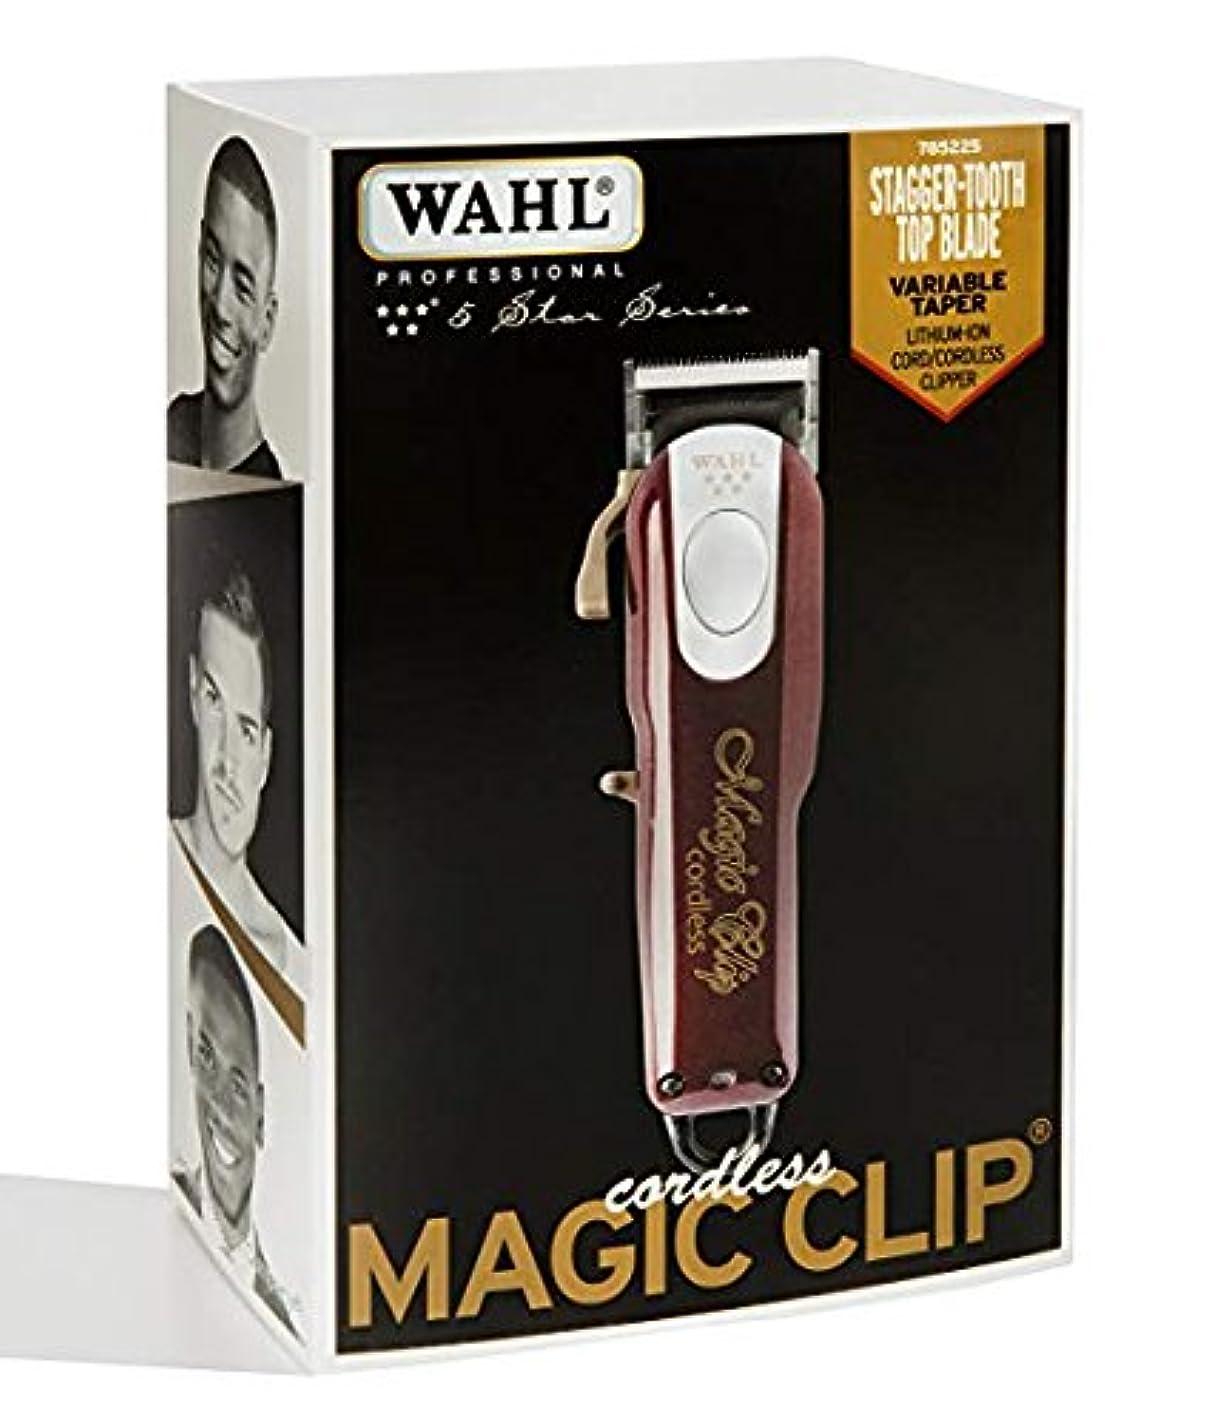 節約するピン構造[Wahl] [すばらしいです 専用 理髪店とスタイリスト - 90分以上の実行時間 / Professional 5-Star Cord/Cordless Magic Clip #8148] (並行輸入品)